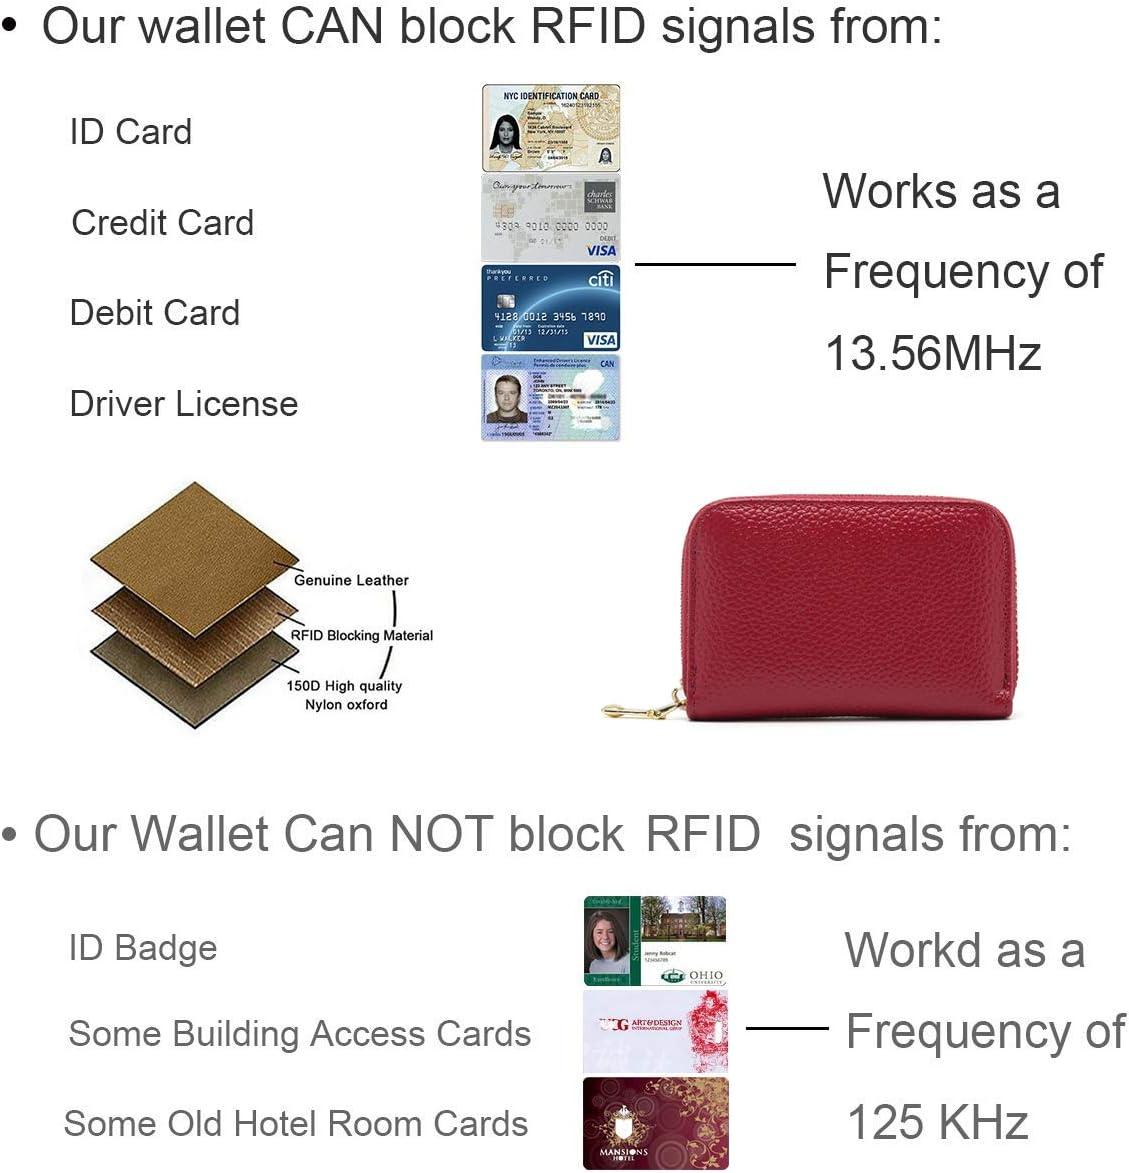 Billetera de Cuero con Bloqueo de RFID Fundas para Tarjetas de Cr/édito Azul Zafiro Billetera con Cremallera Alrededor de 13 Monedero de Cuero para Mujeres y Hombres.